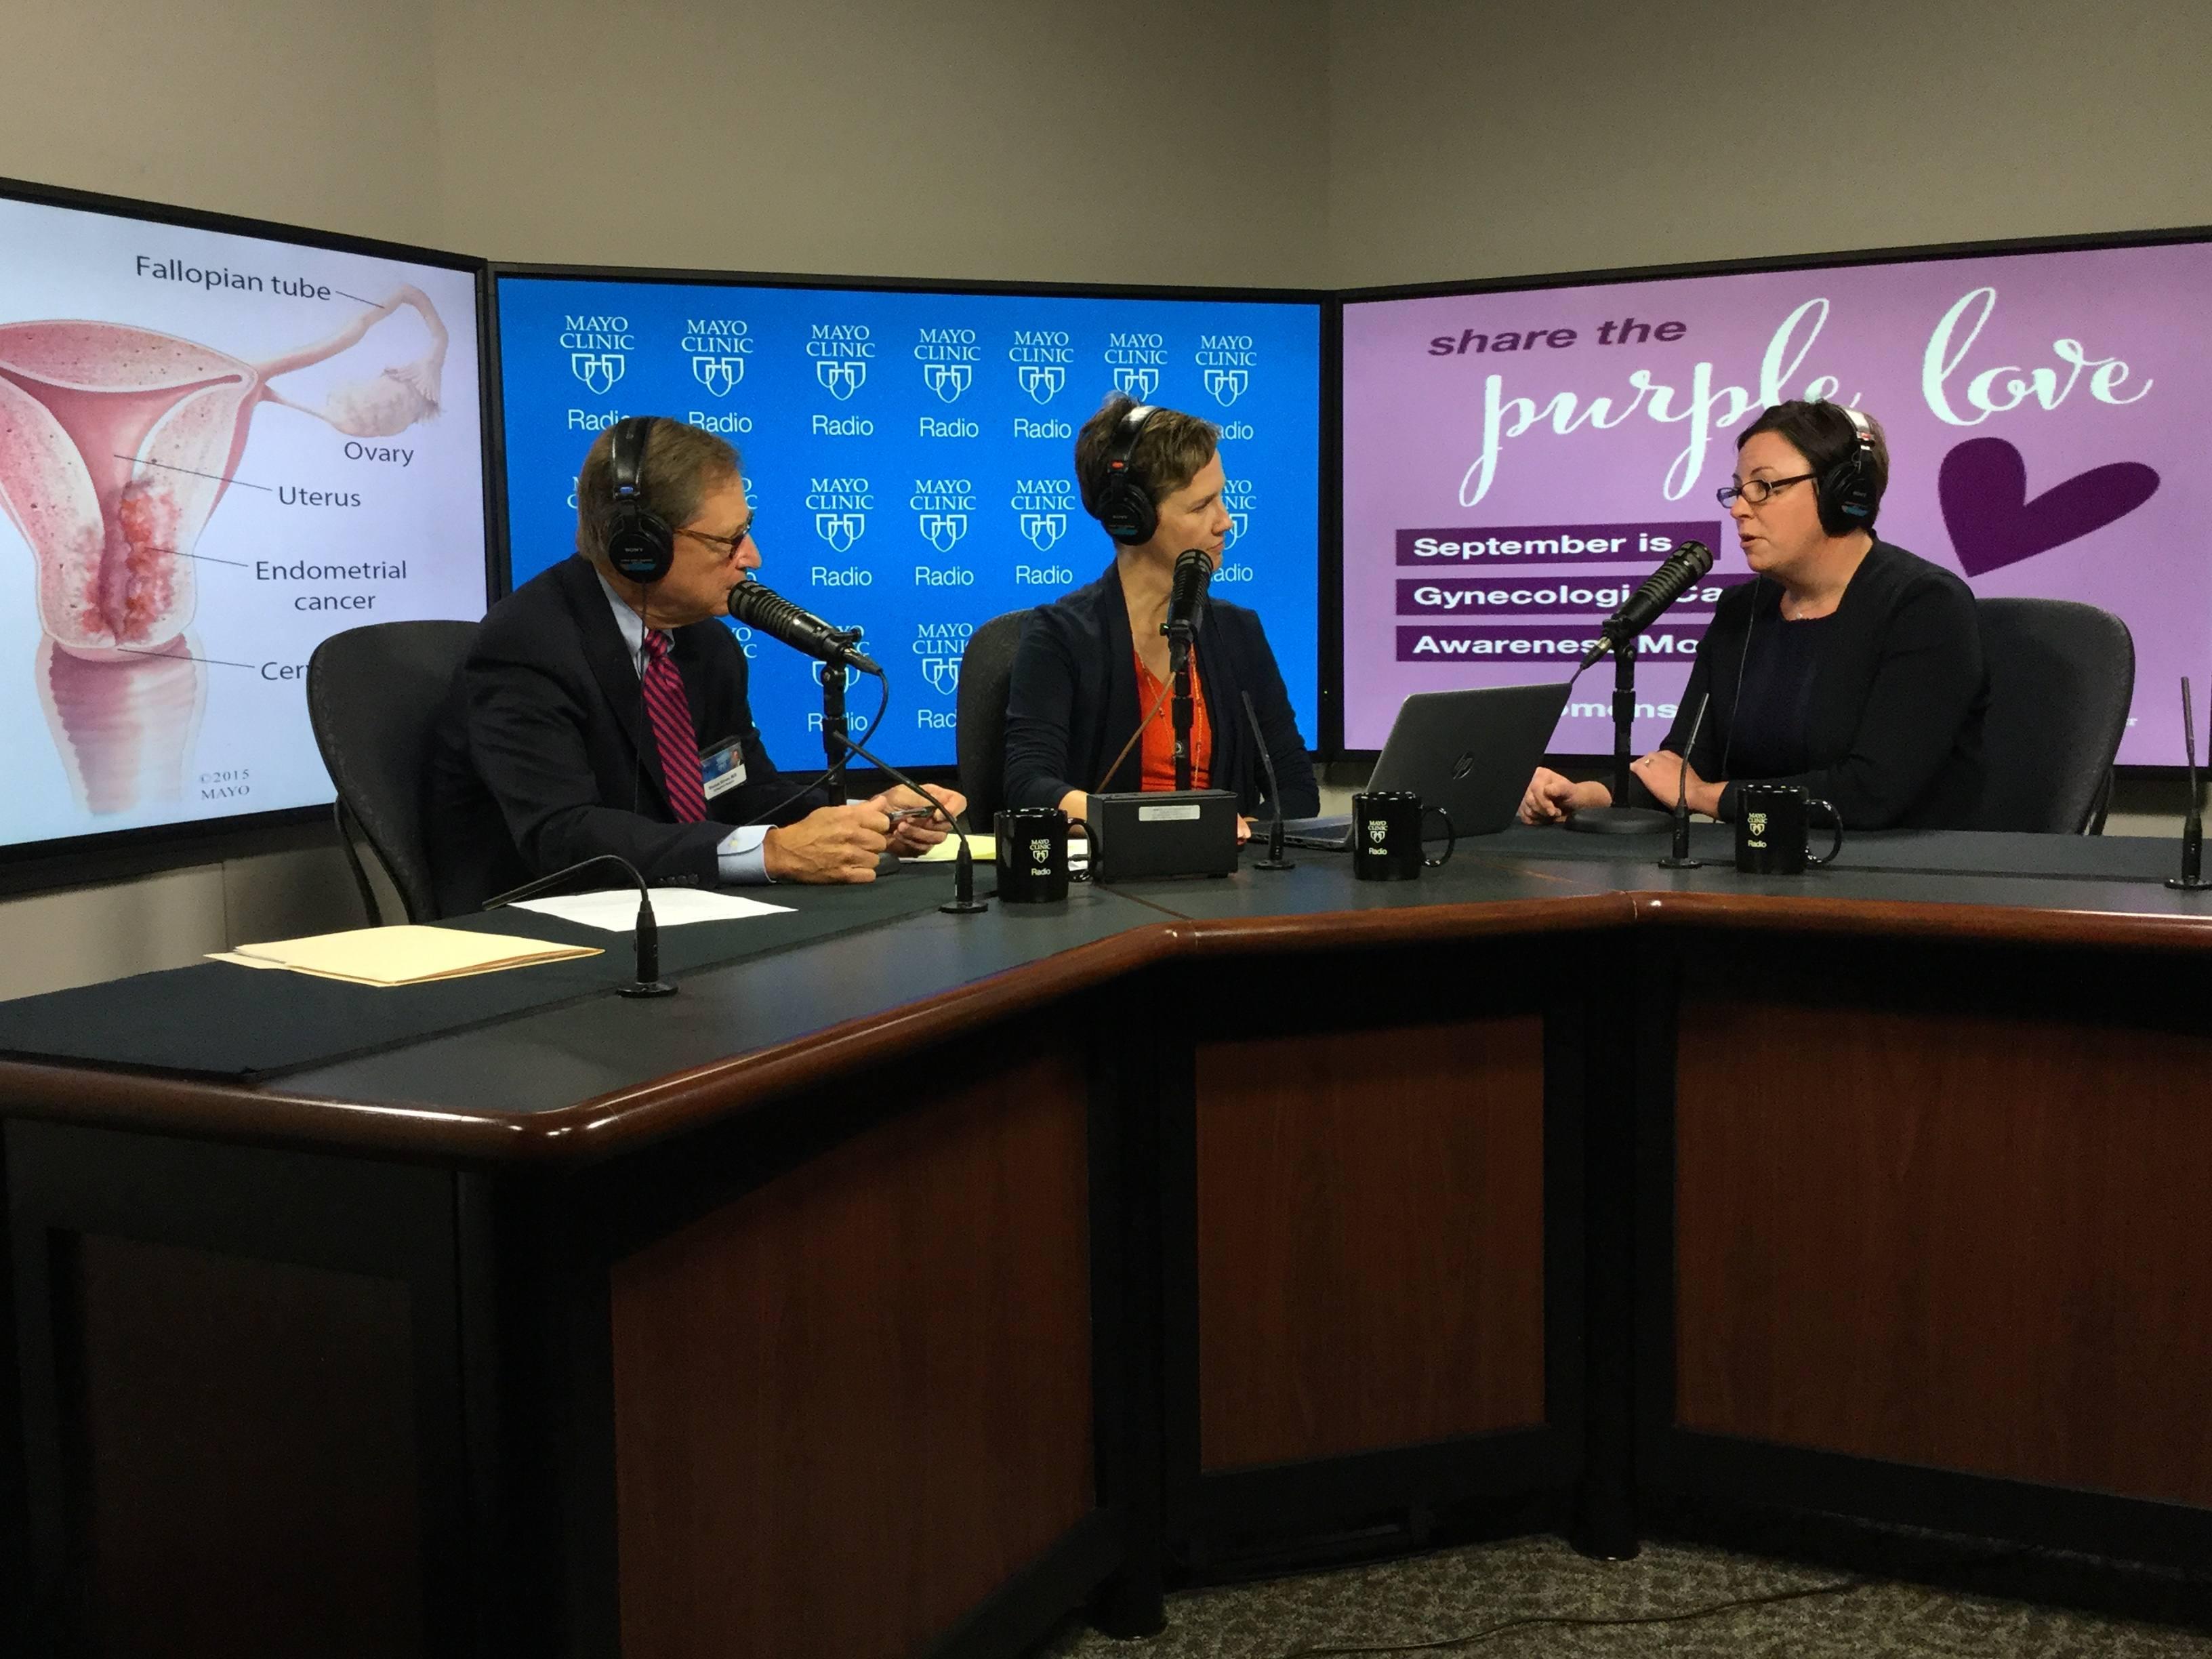 Dr. Jamie Bakkum-Gamez being interviewed on Mayo Clinic Radio